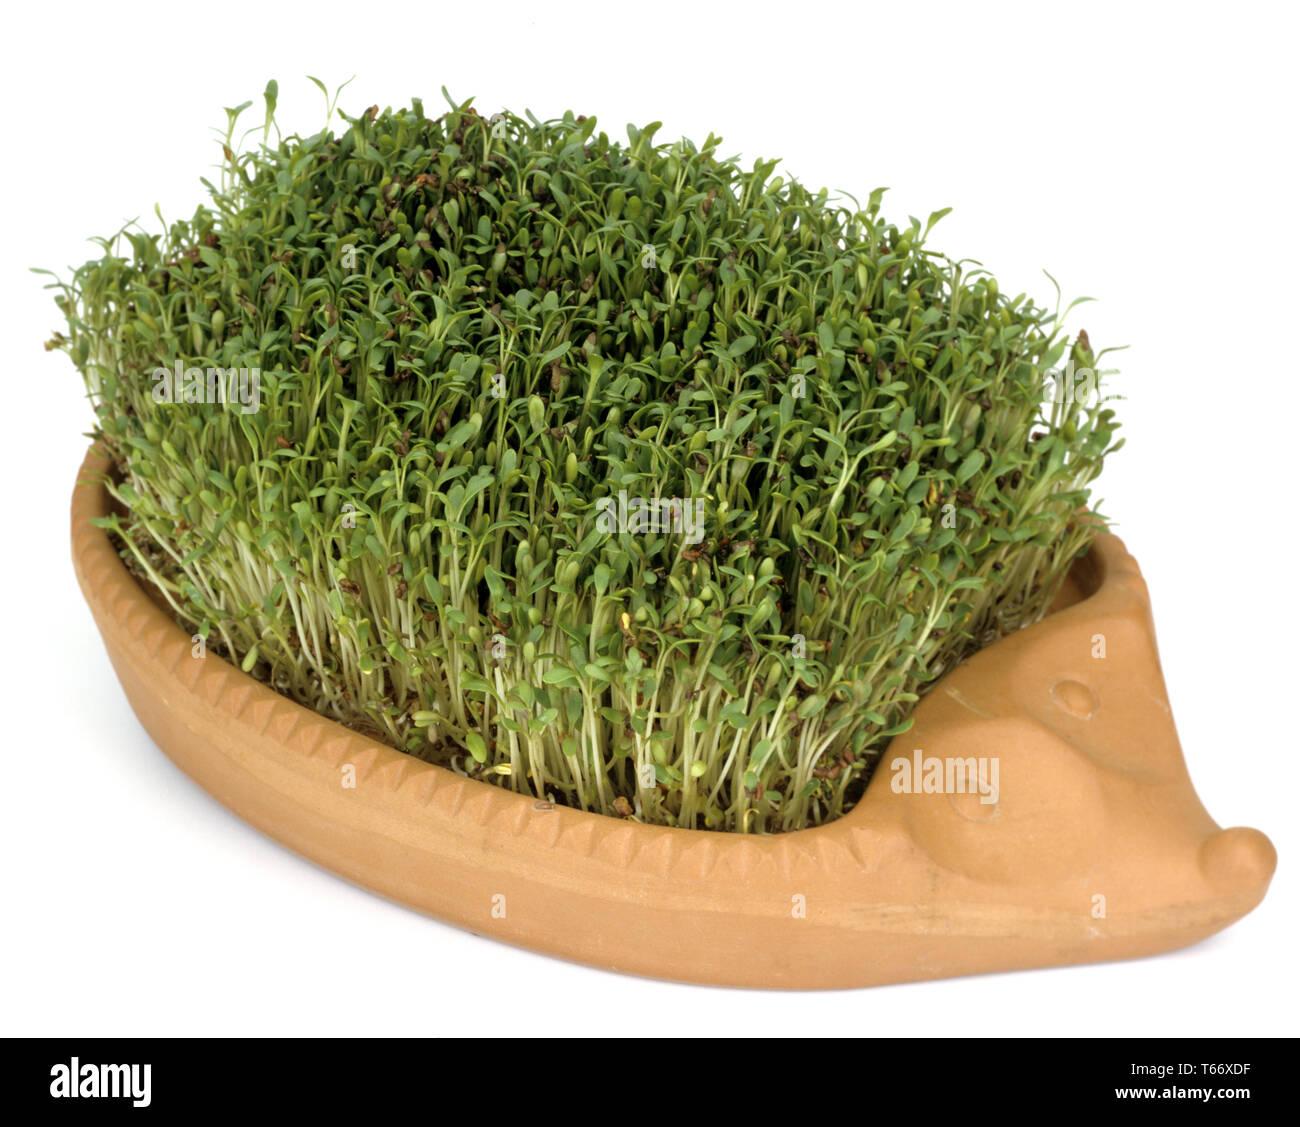 pepperwort or garden cress, Lepidium sativum Stock Photo